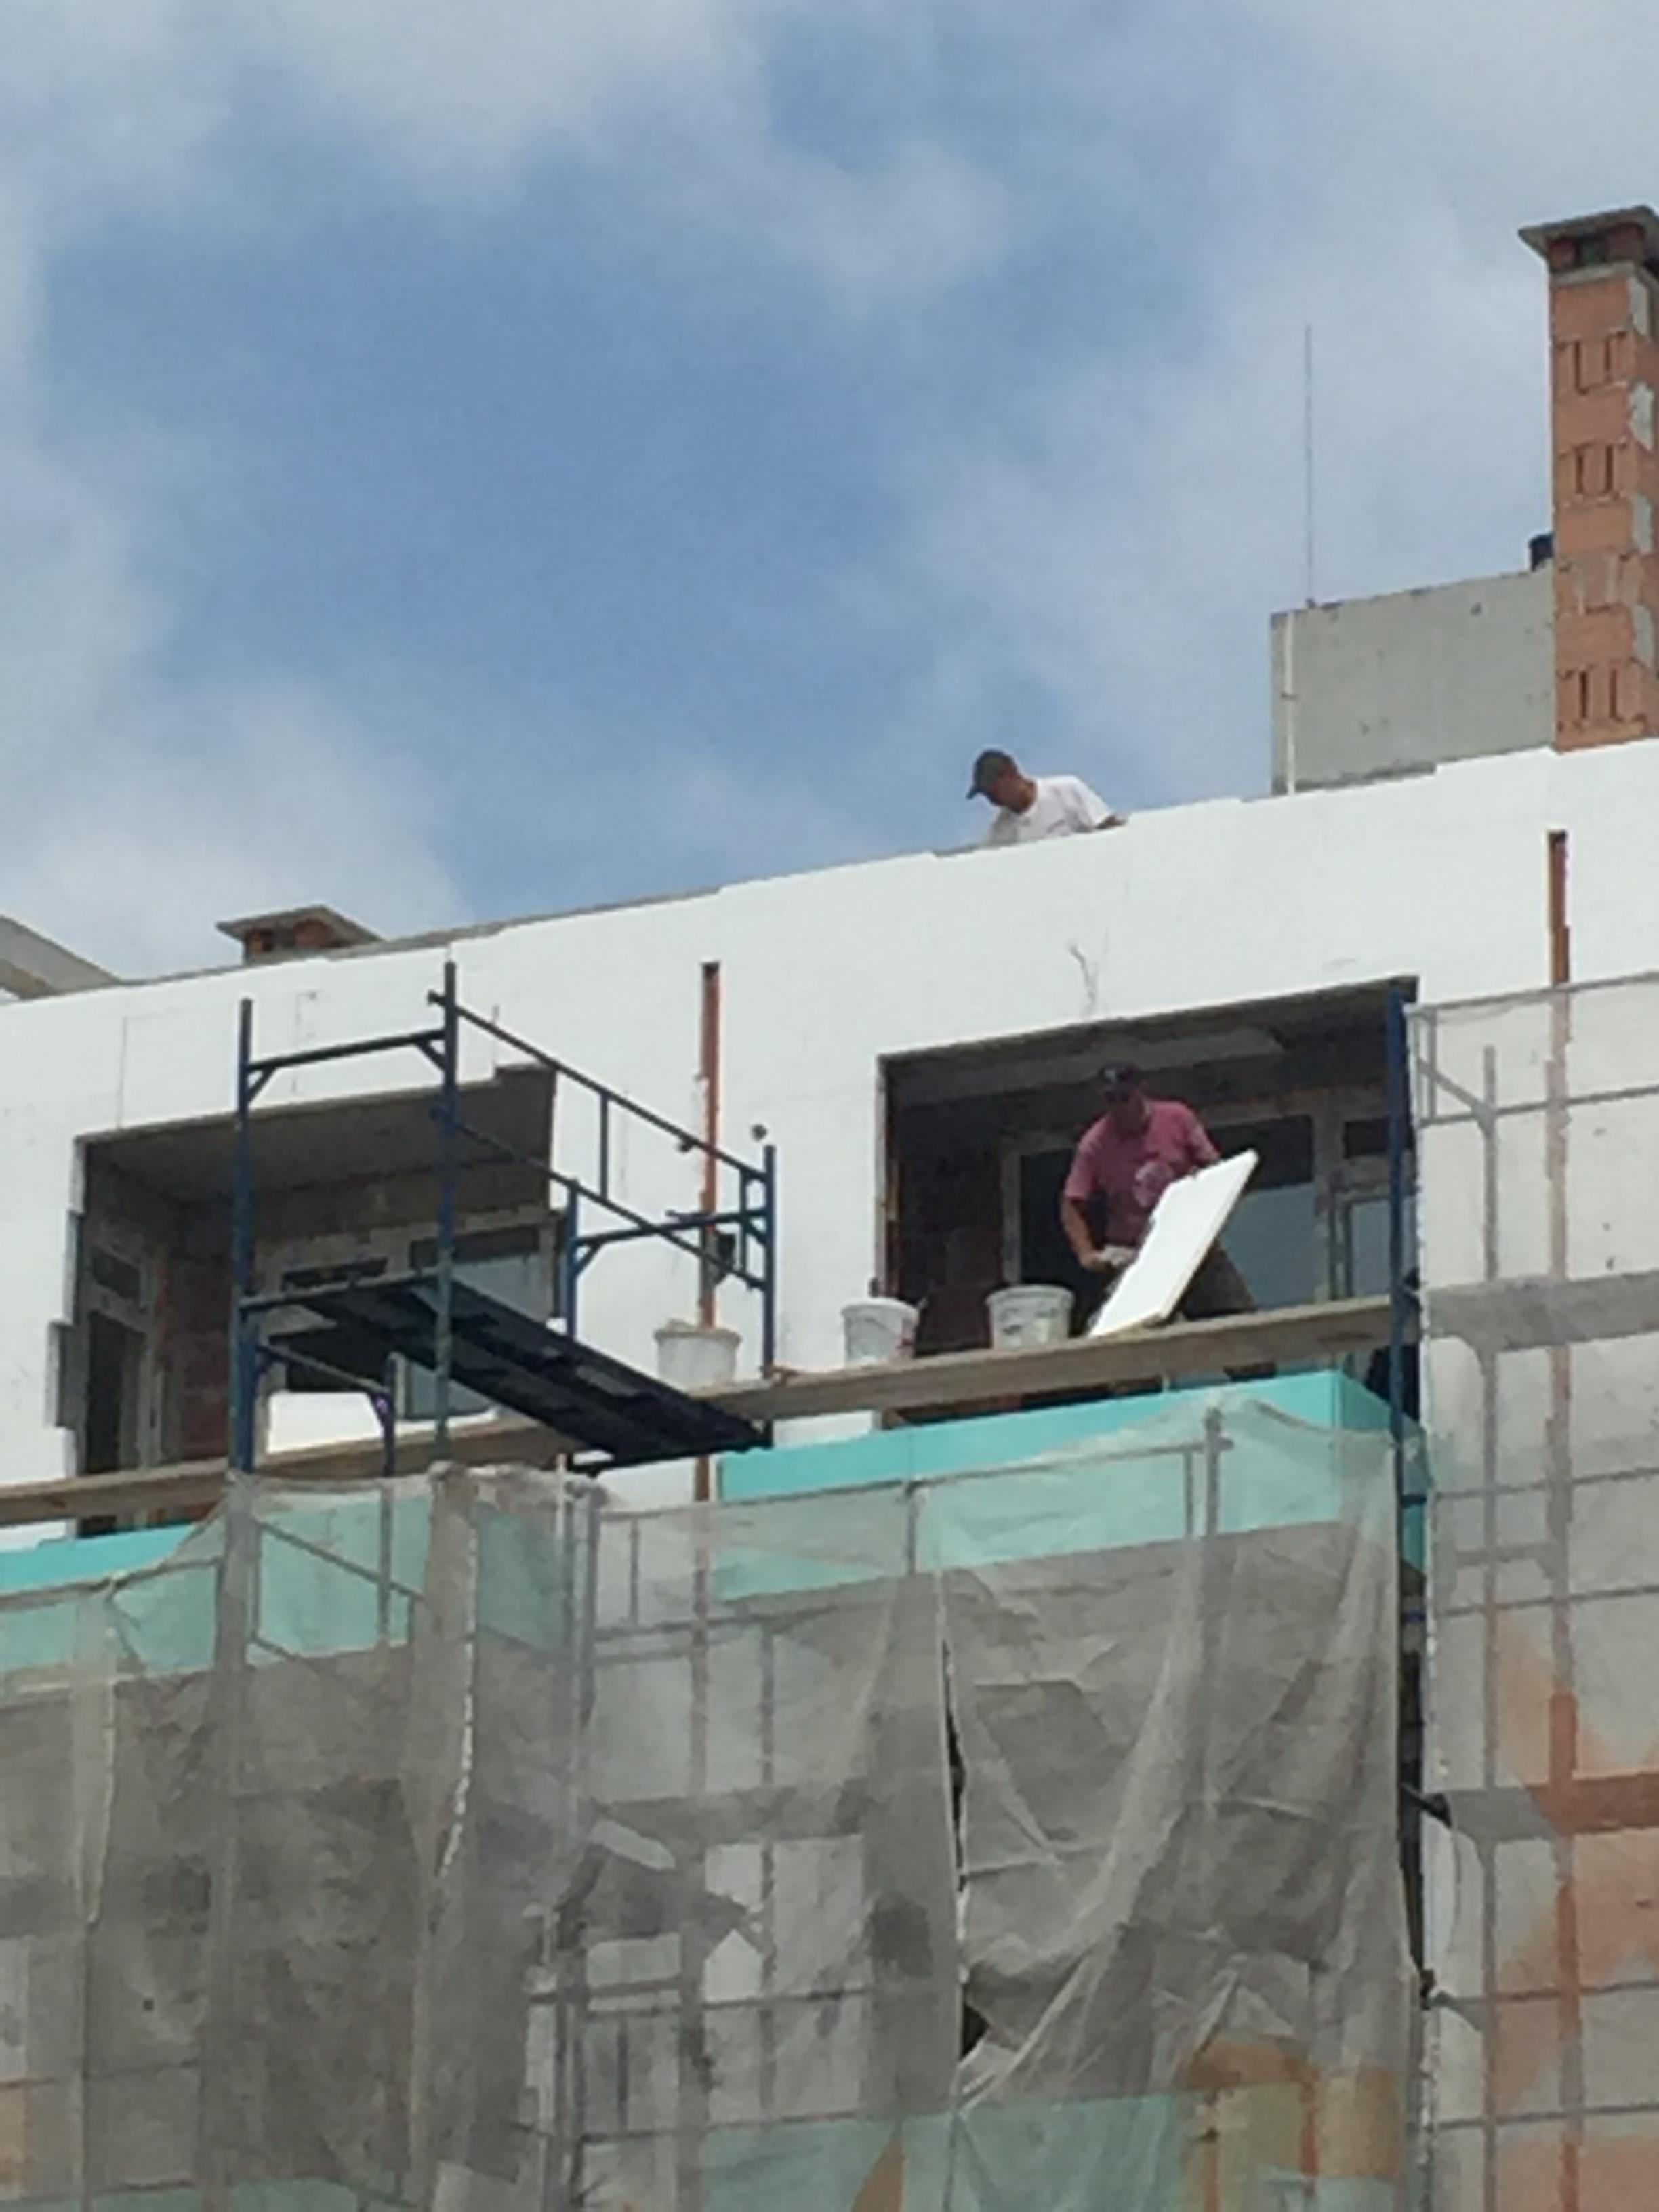 Община Поморие нарушава забраната си, строителството в града продължава